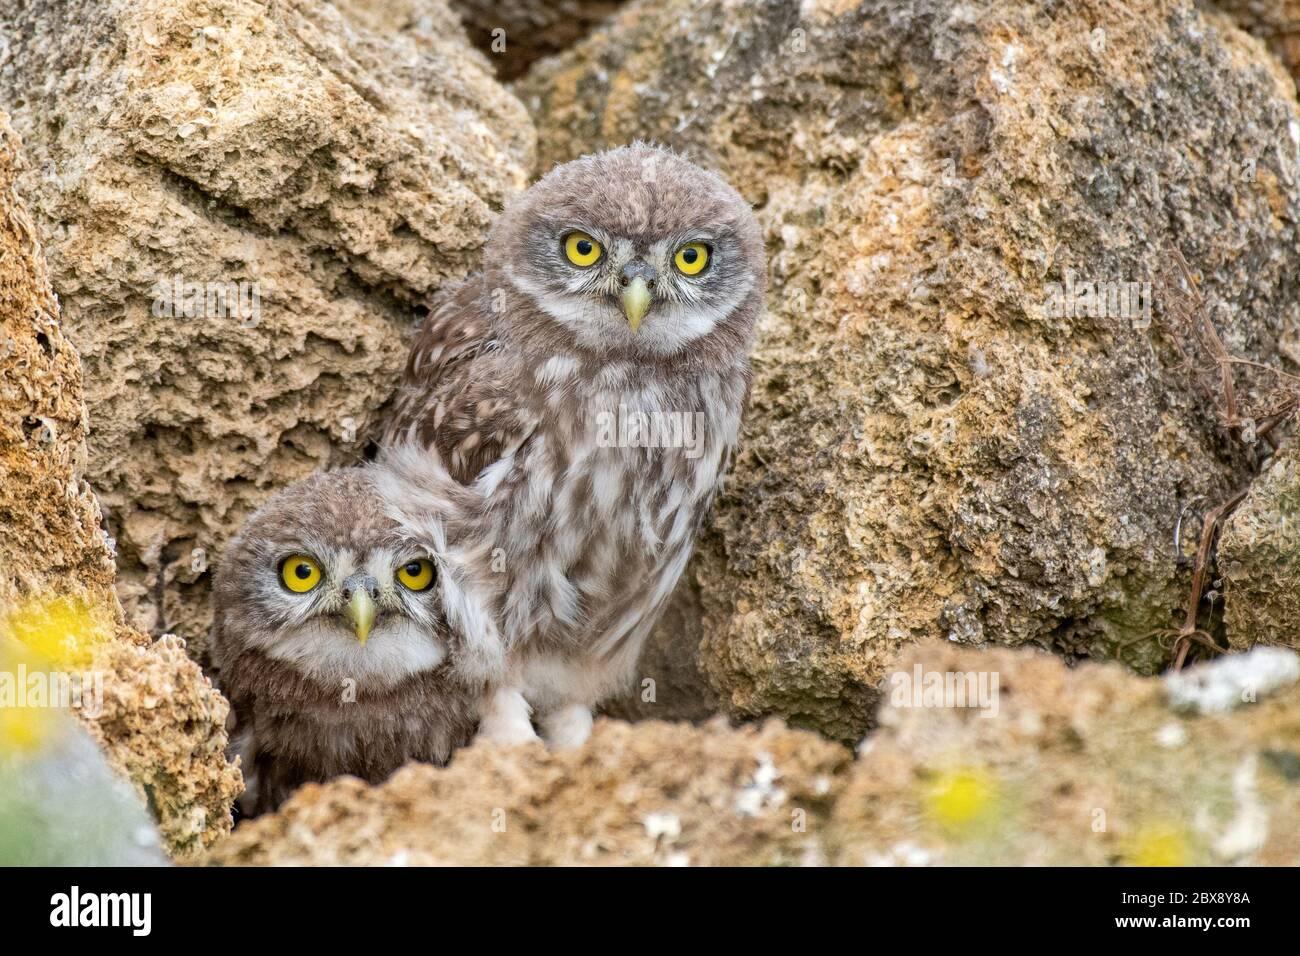 Zwei junge Eule, Athene noctua, die aus einem Loch in den Felsen spähen. Stockfoto